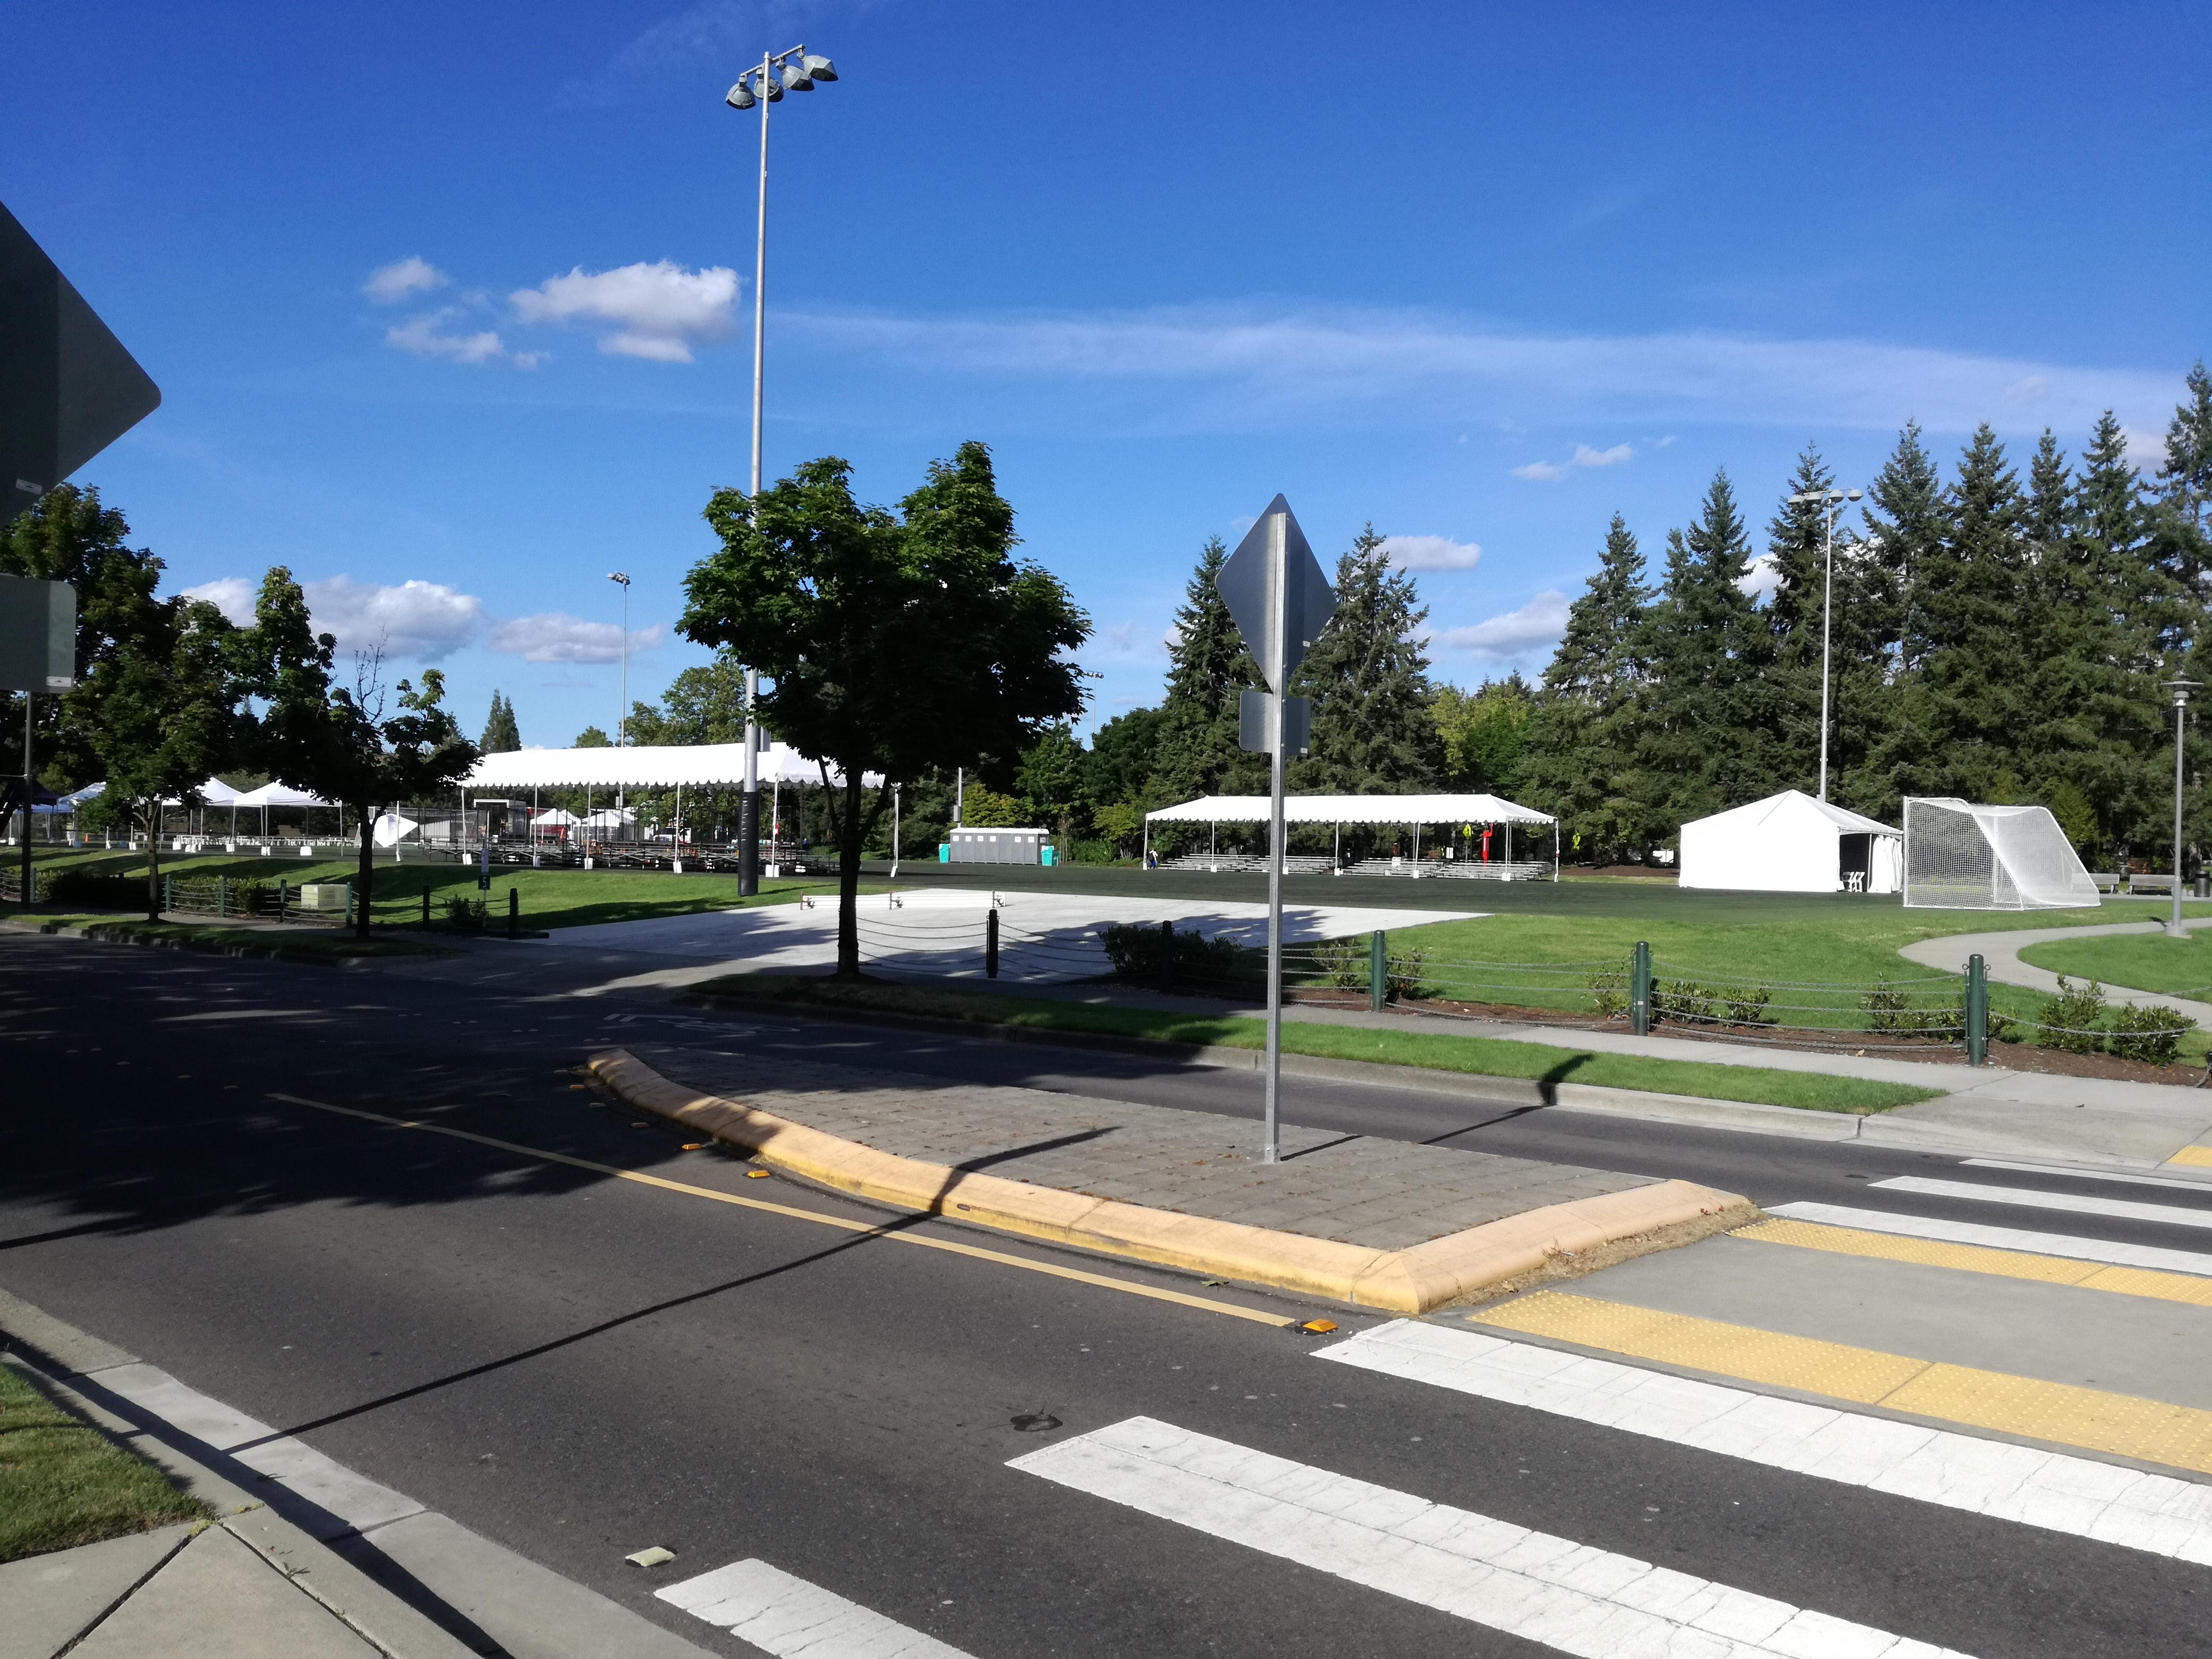 Redmond soccer fields area